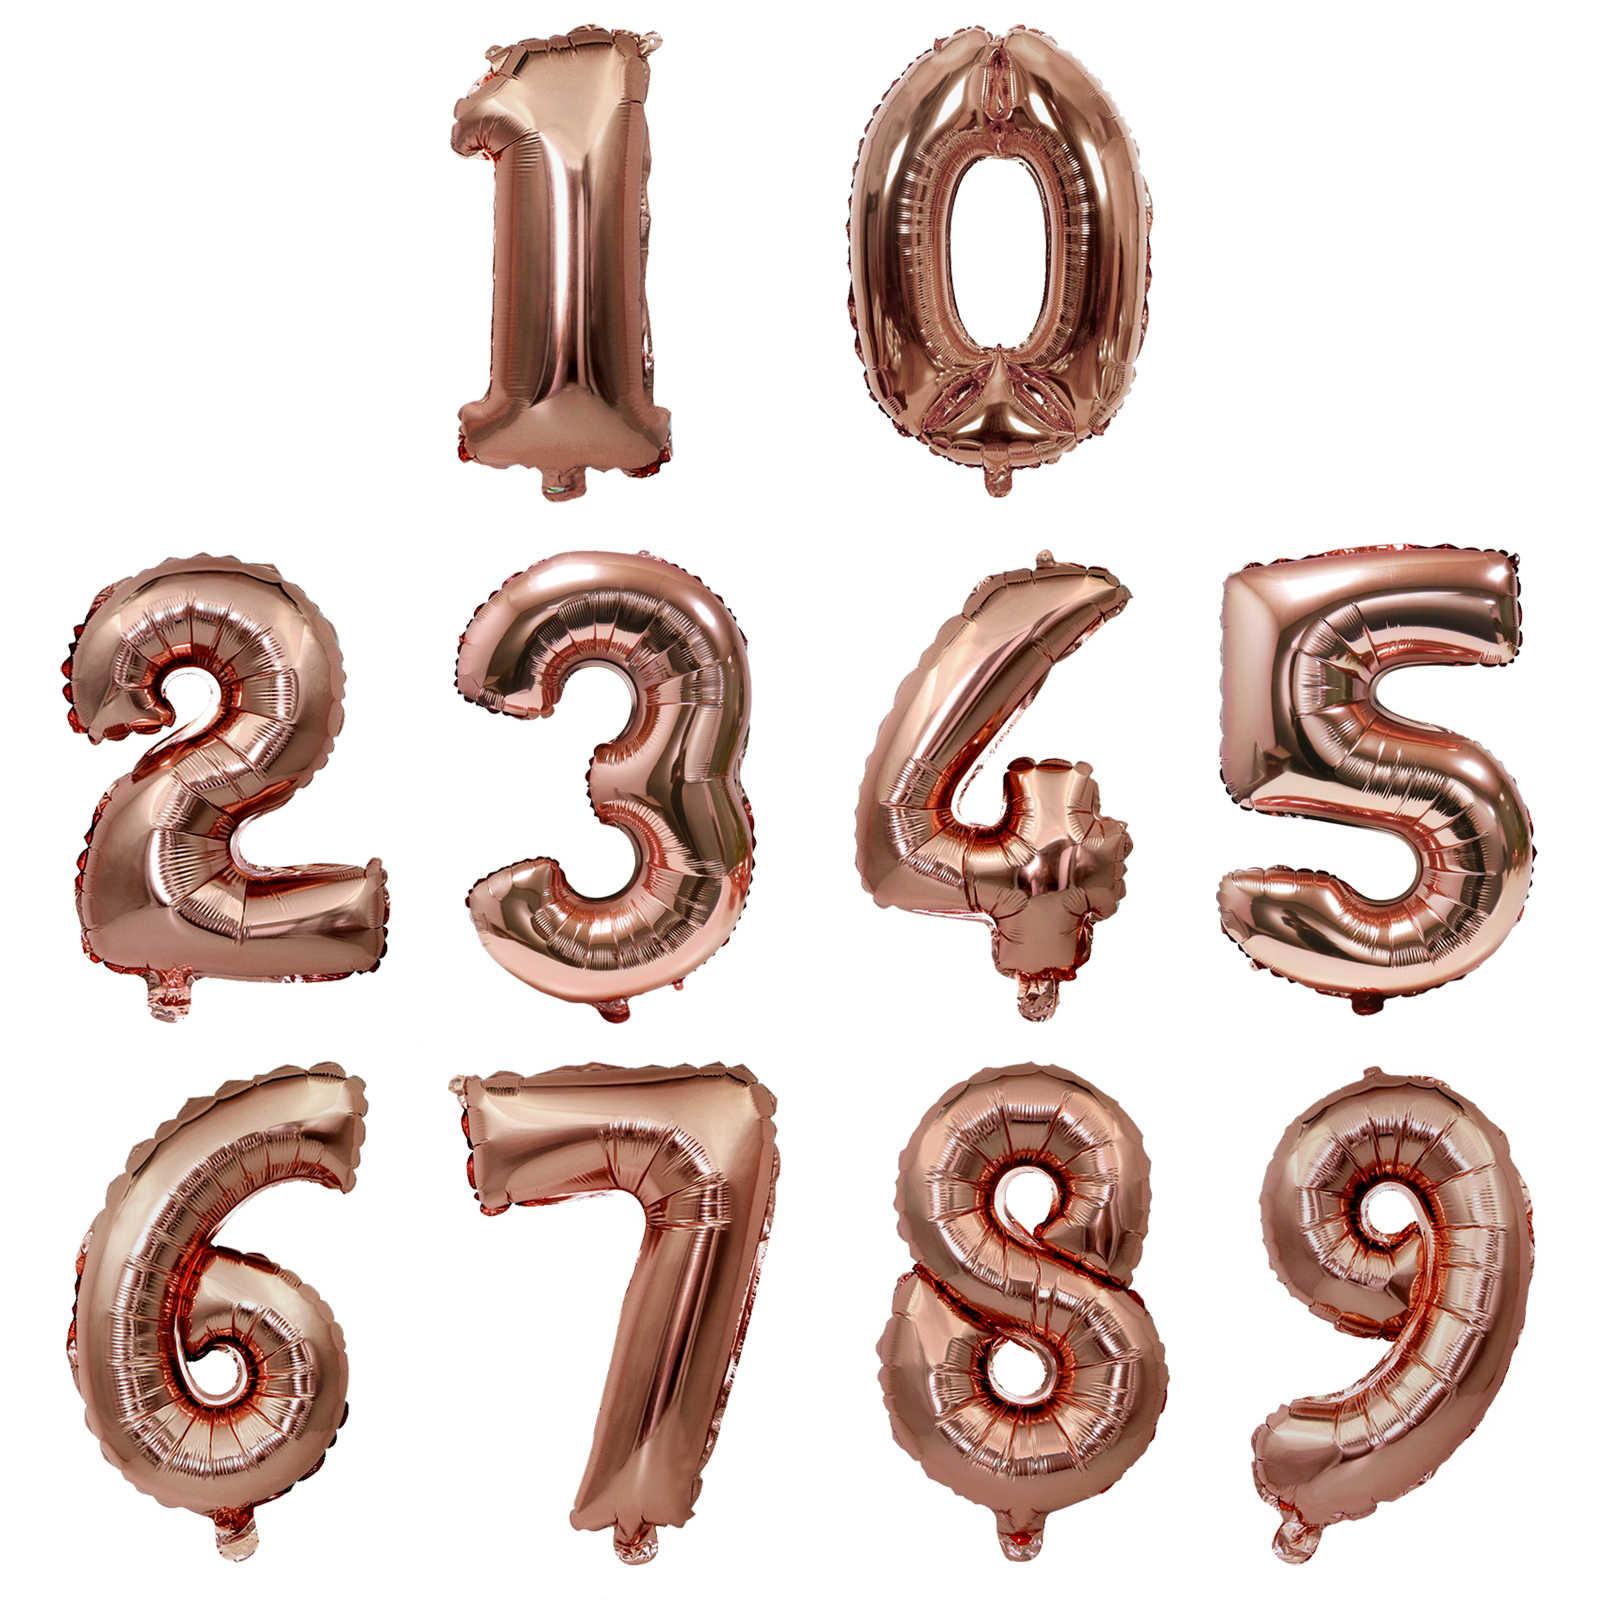 40 inç folyo balon büyük helyum numarası balonlar düğün dekorasyon doğum günü partisi hediyelik eşya şekeri altın gümüş pembe mavi